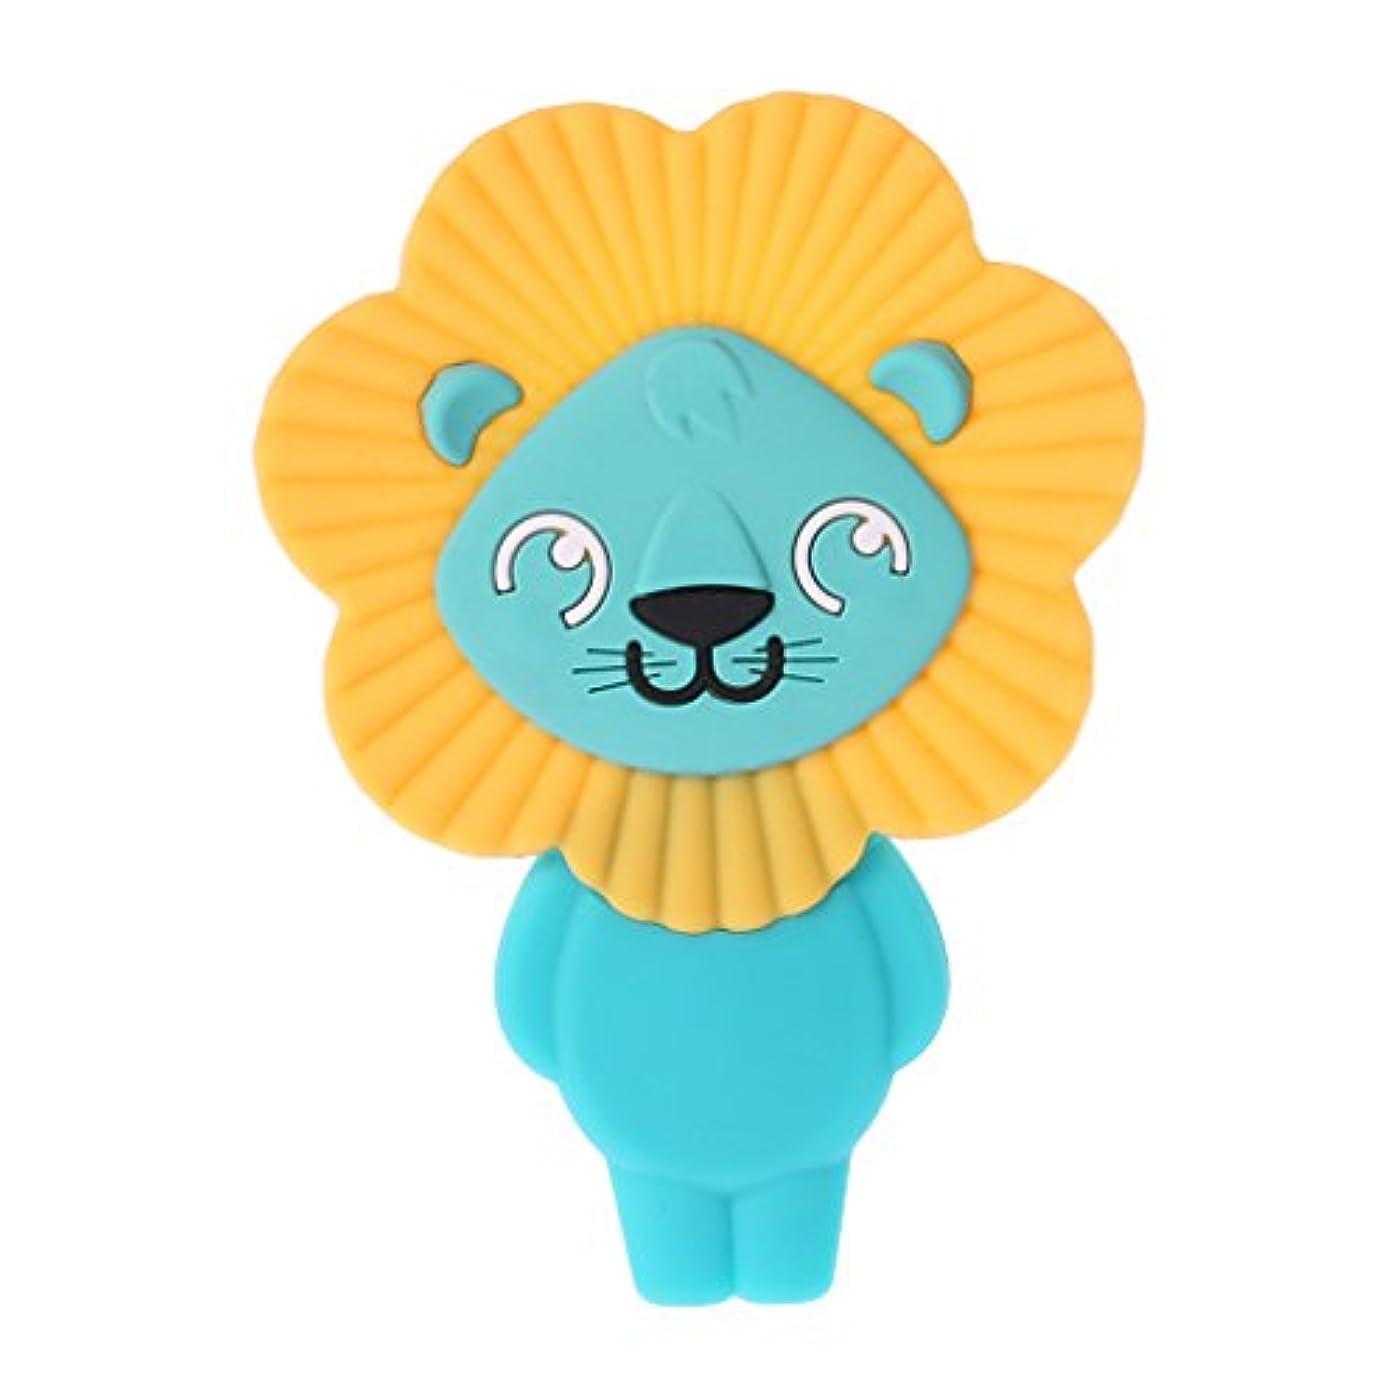 質量デモンストレーション発生器Landdumシリコーンおしゃぶりかわいいライオンのおしゃぶり赤ちゃん看護玩具かむ玩具歯が生えるガラガラ玩具